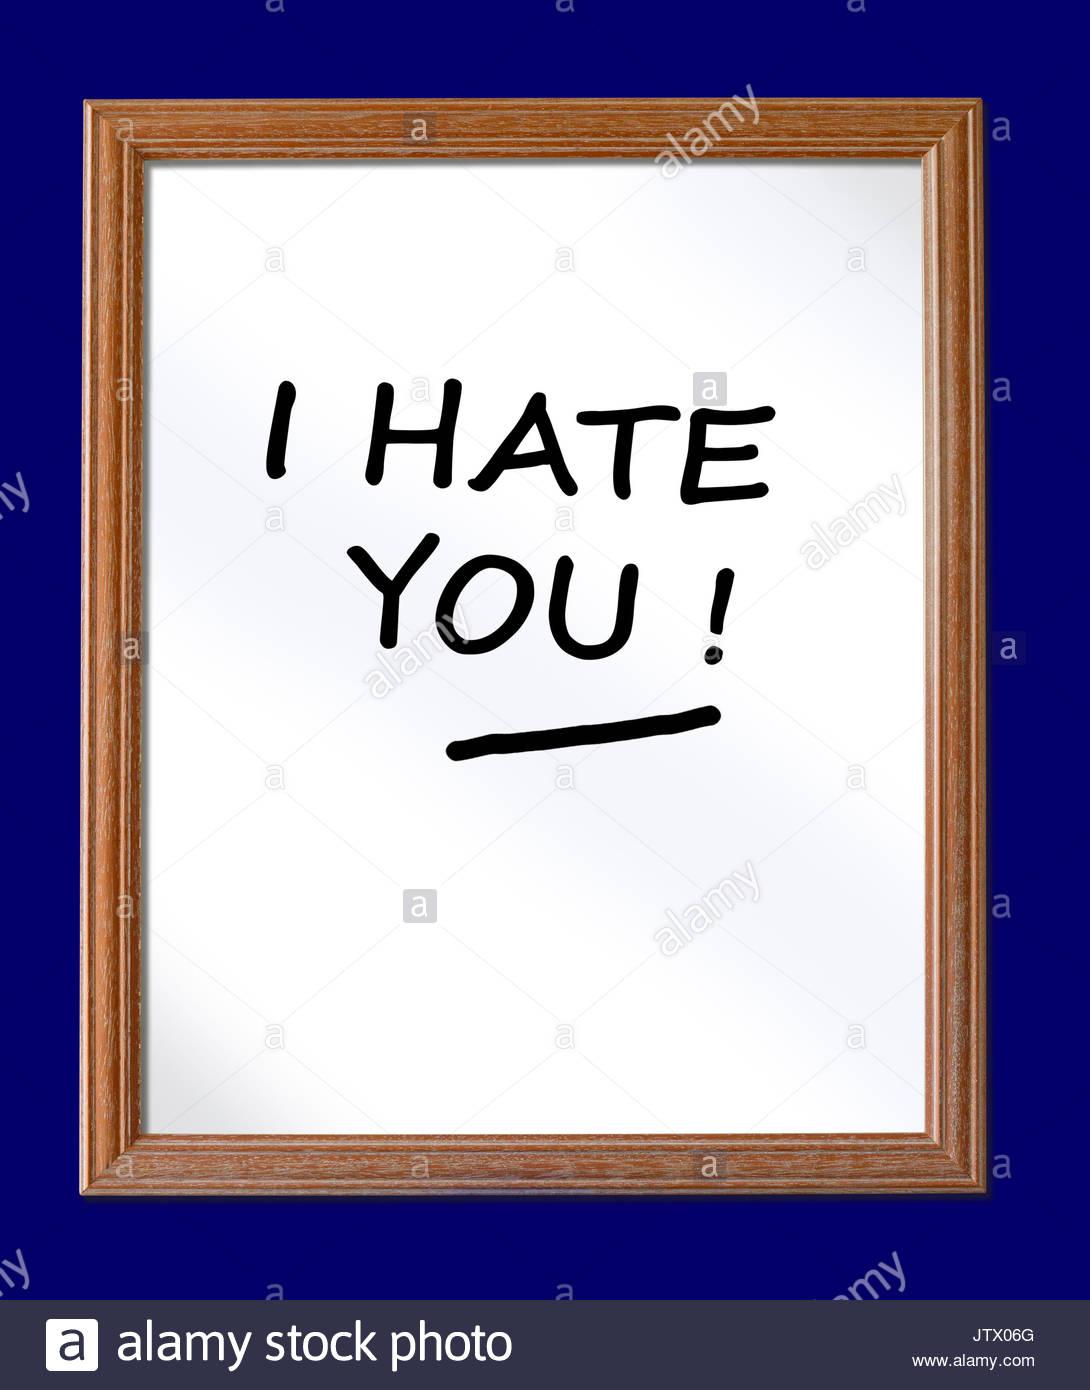 Te odio escrito en una pizarra, Blandford, Dorset, Inglaterra, Reino Unido. Imagen De Stock